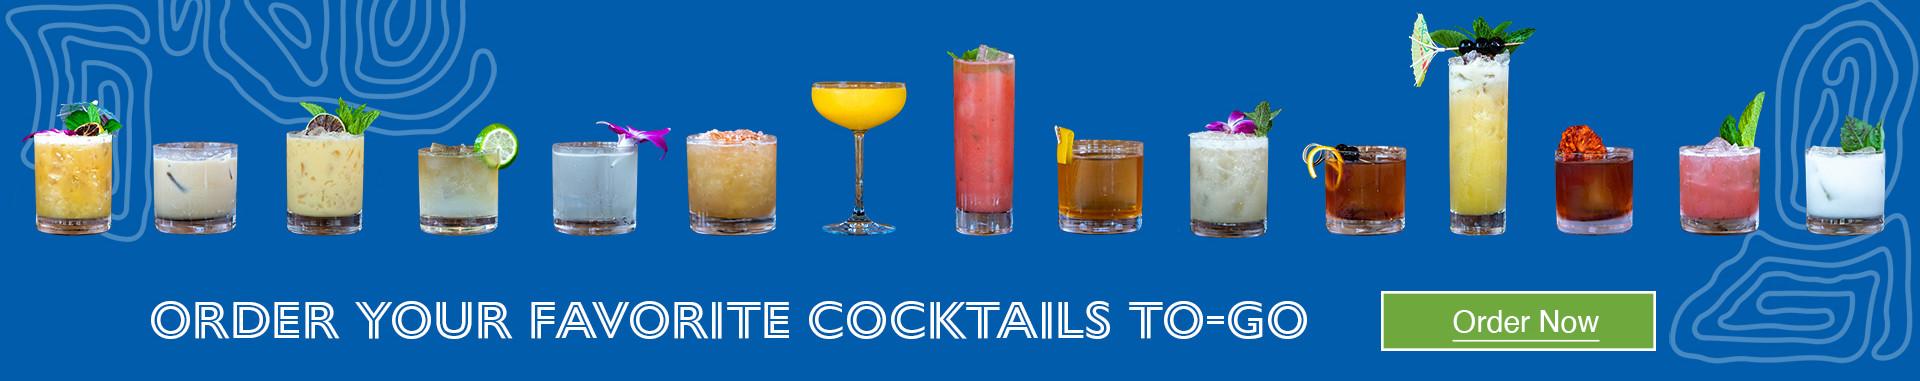 Order Your Favorite Cocktails